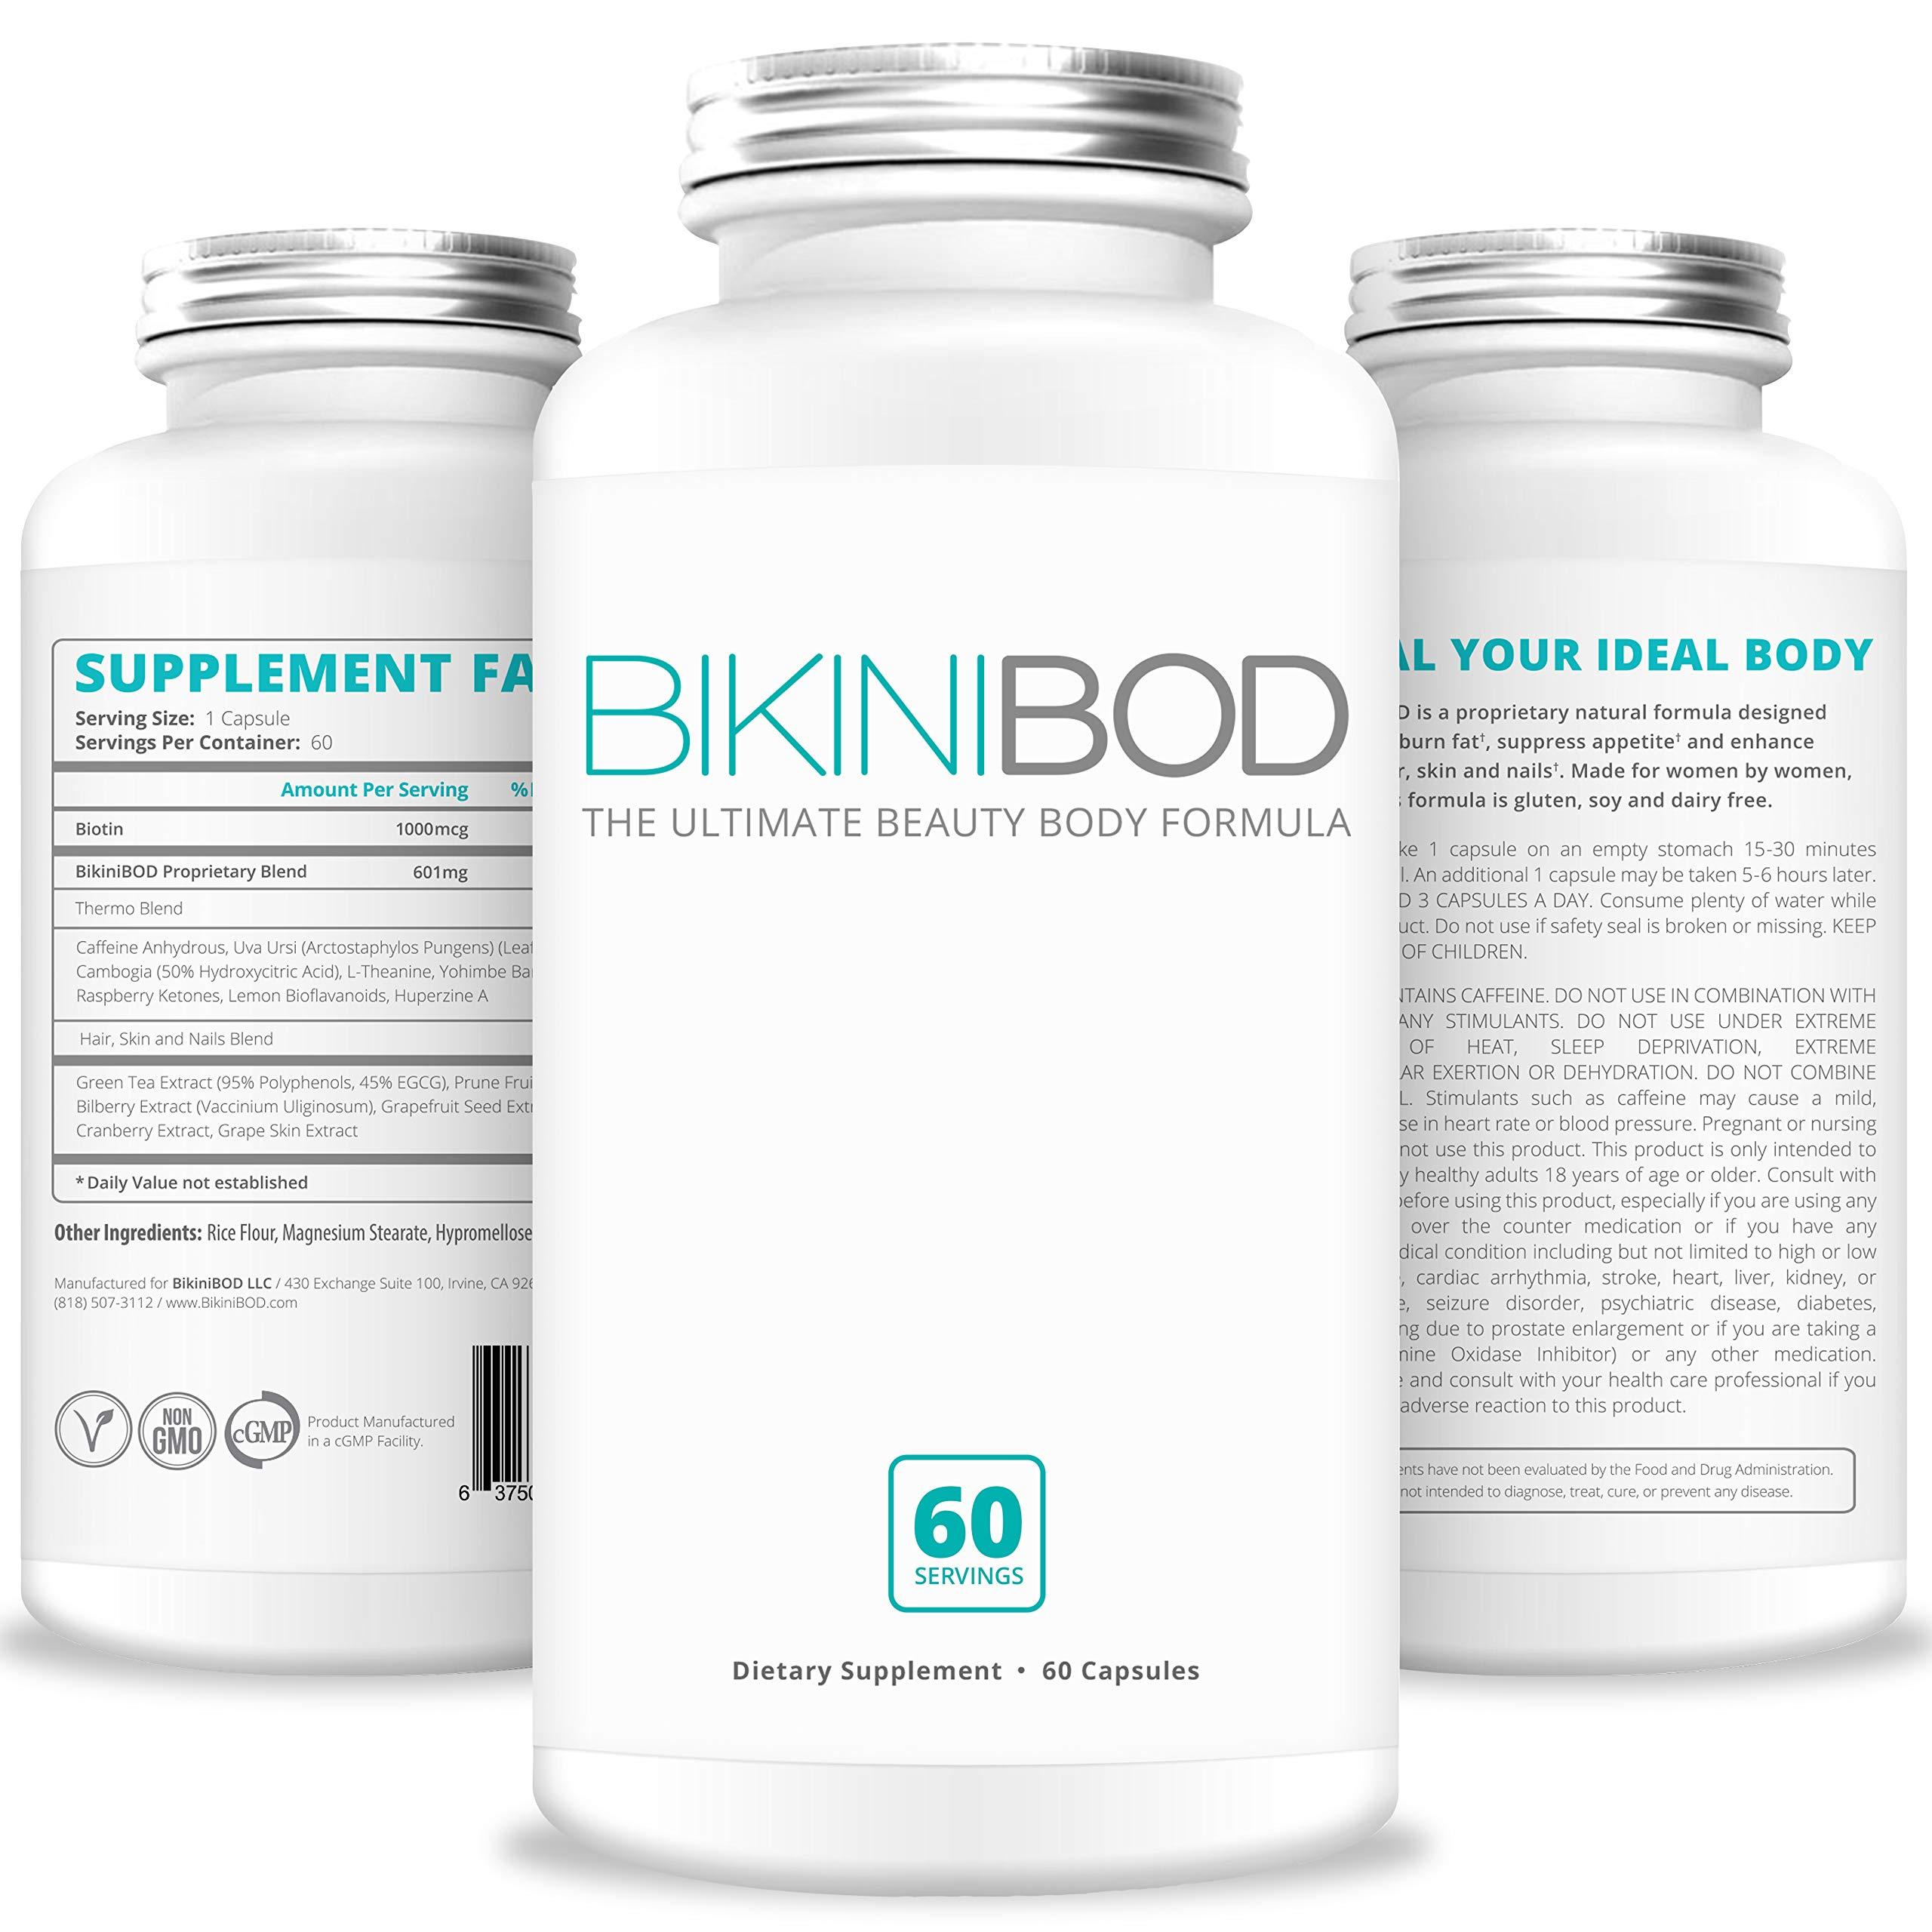 BIKINIBOD Weight Loss Pills for Women - Premium Vegan Weight Management & Beauty Supplement for Women | Garcinia Cambogia, Caffeine, Superfruit Extract, Yohimbe, Raspberry Ketones, Biotin